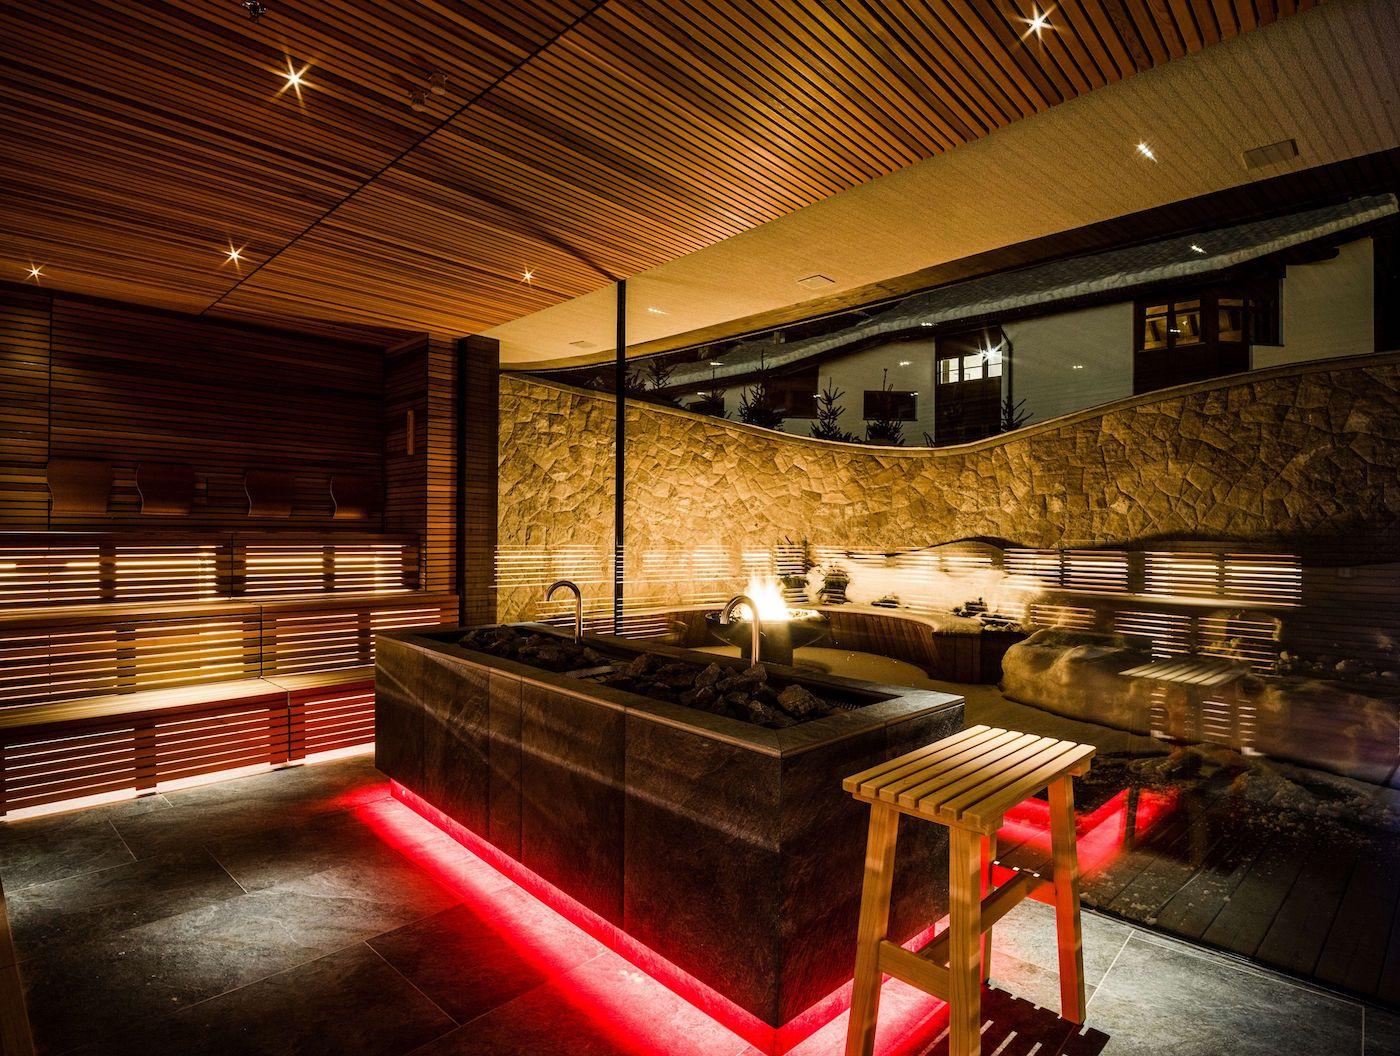 Sauna Mit Panoramafenster Bei Nacht C Dejori Werner Hotel Granbaita Dolomites